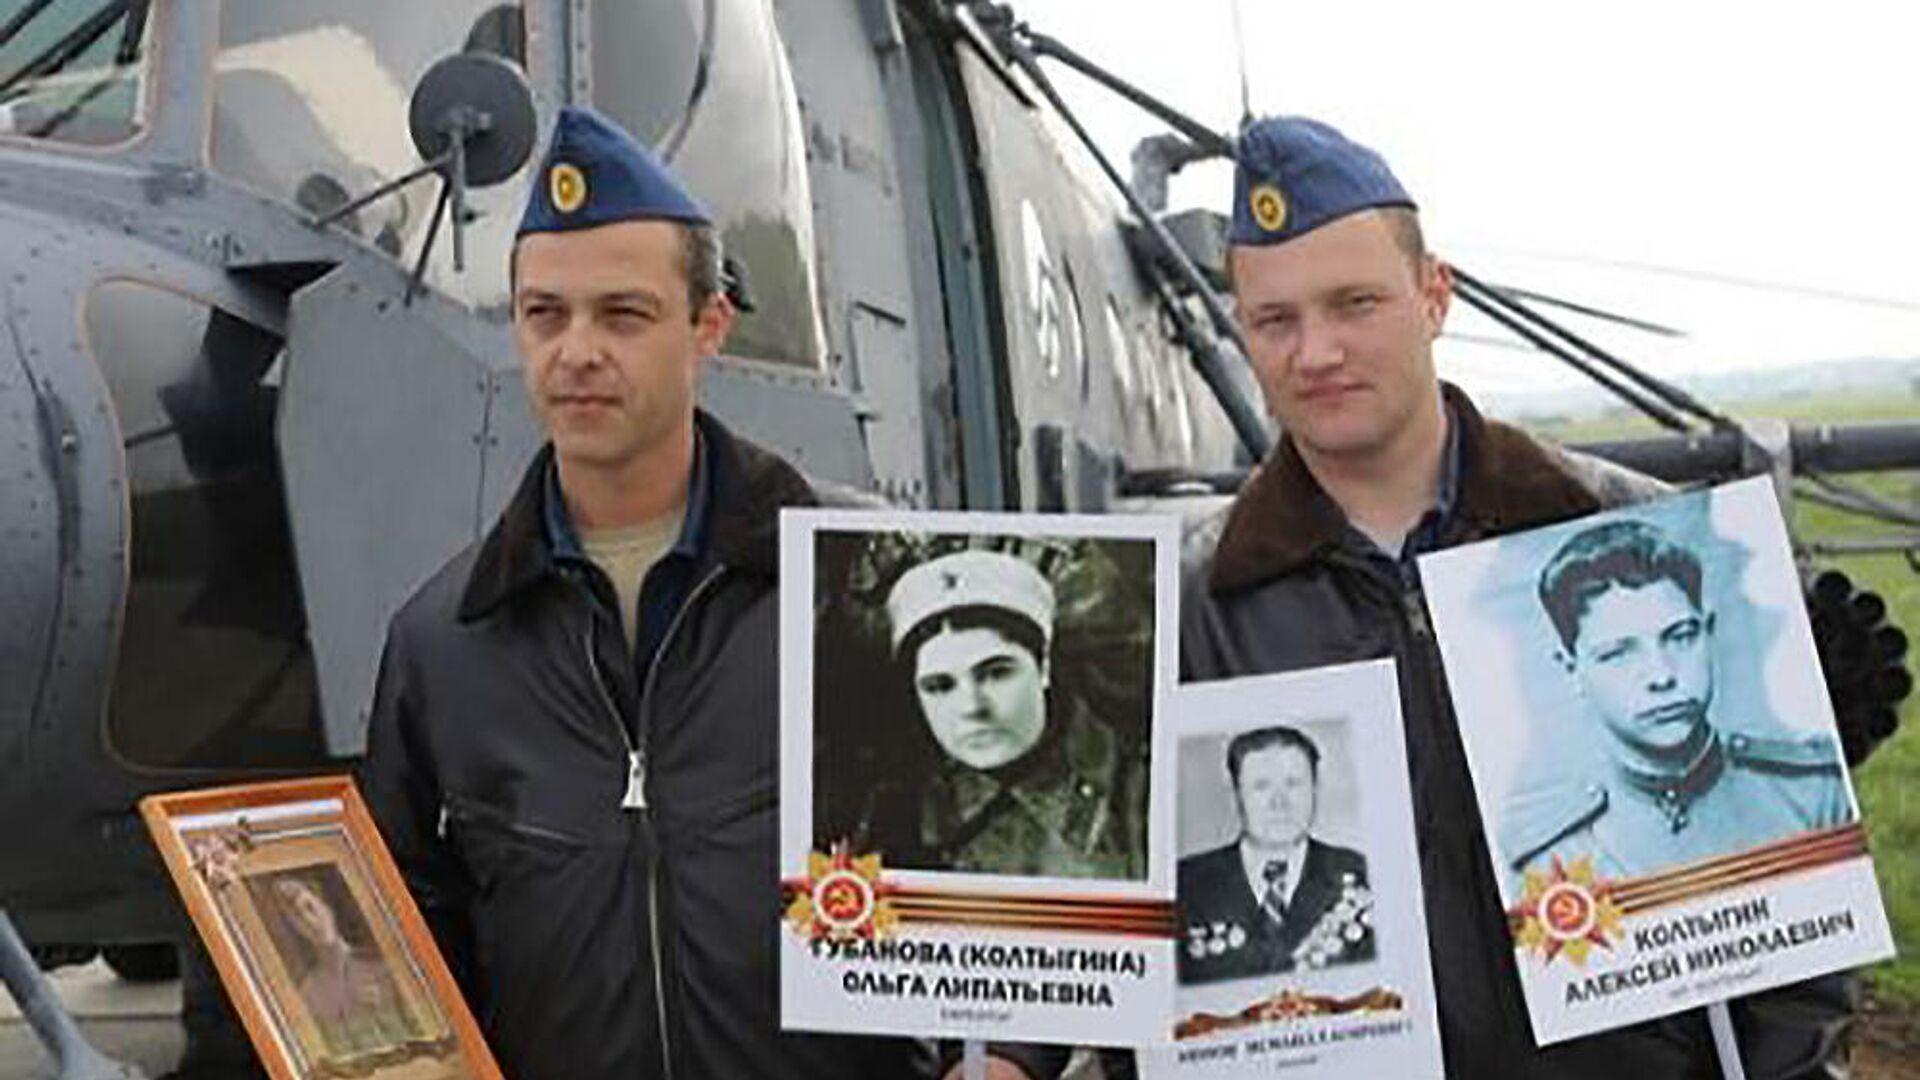 Летчики ЮВО с портретами ветеранов Великой Отечественной войны из шествия Бессмертного полка - РИА Новости, 1920, 09.05.2021